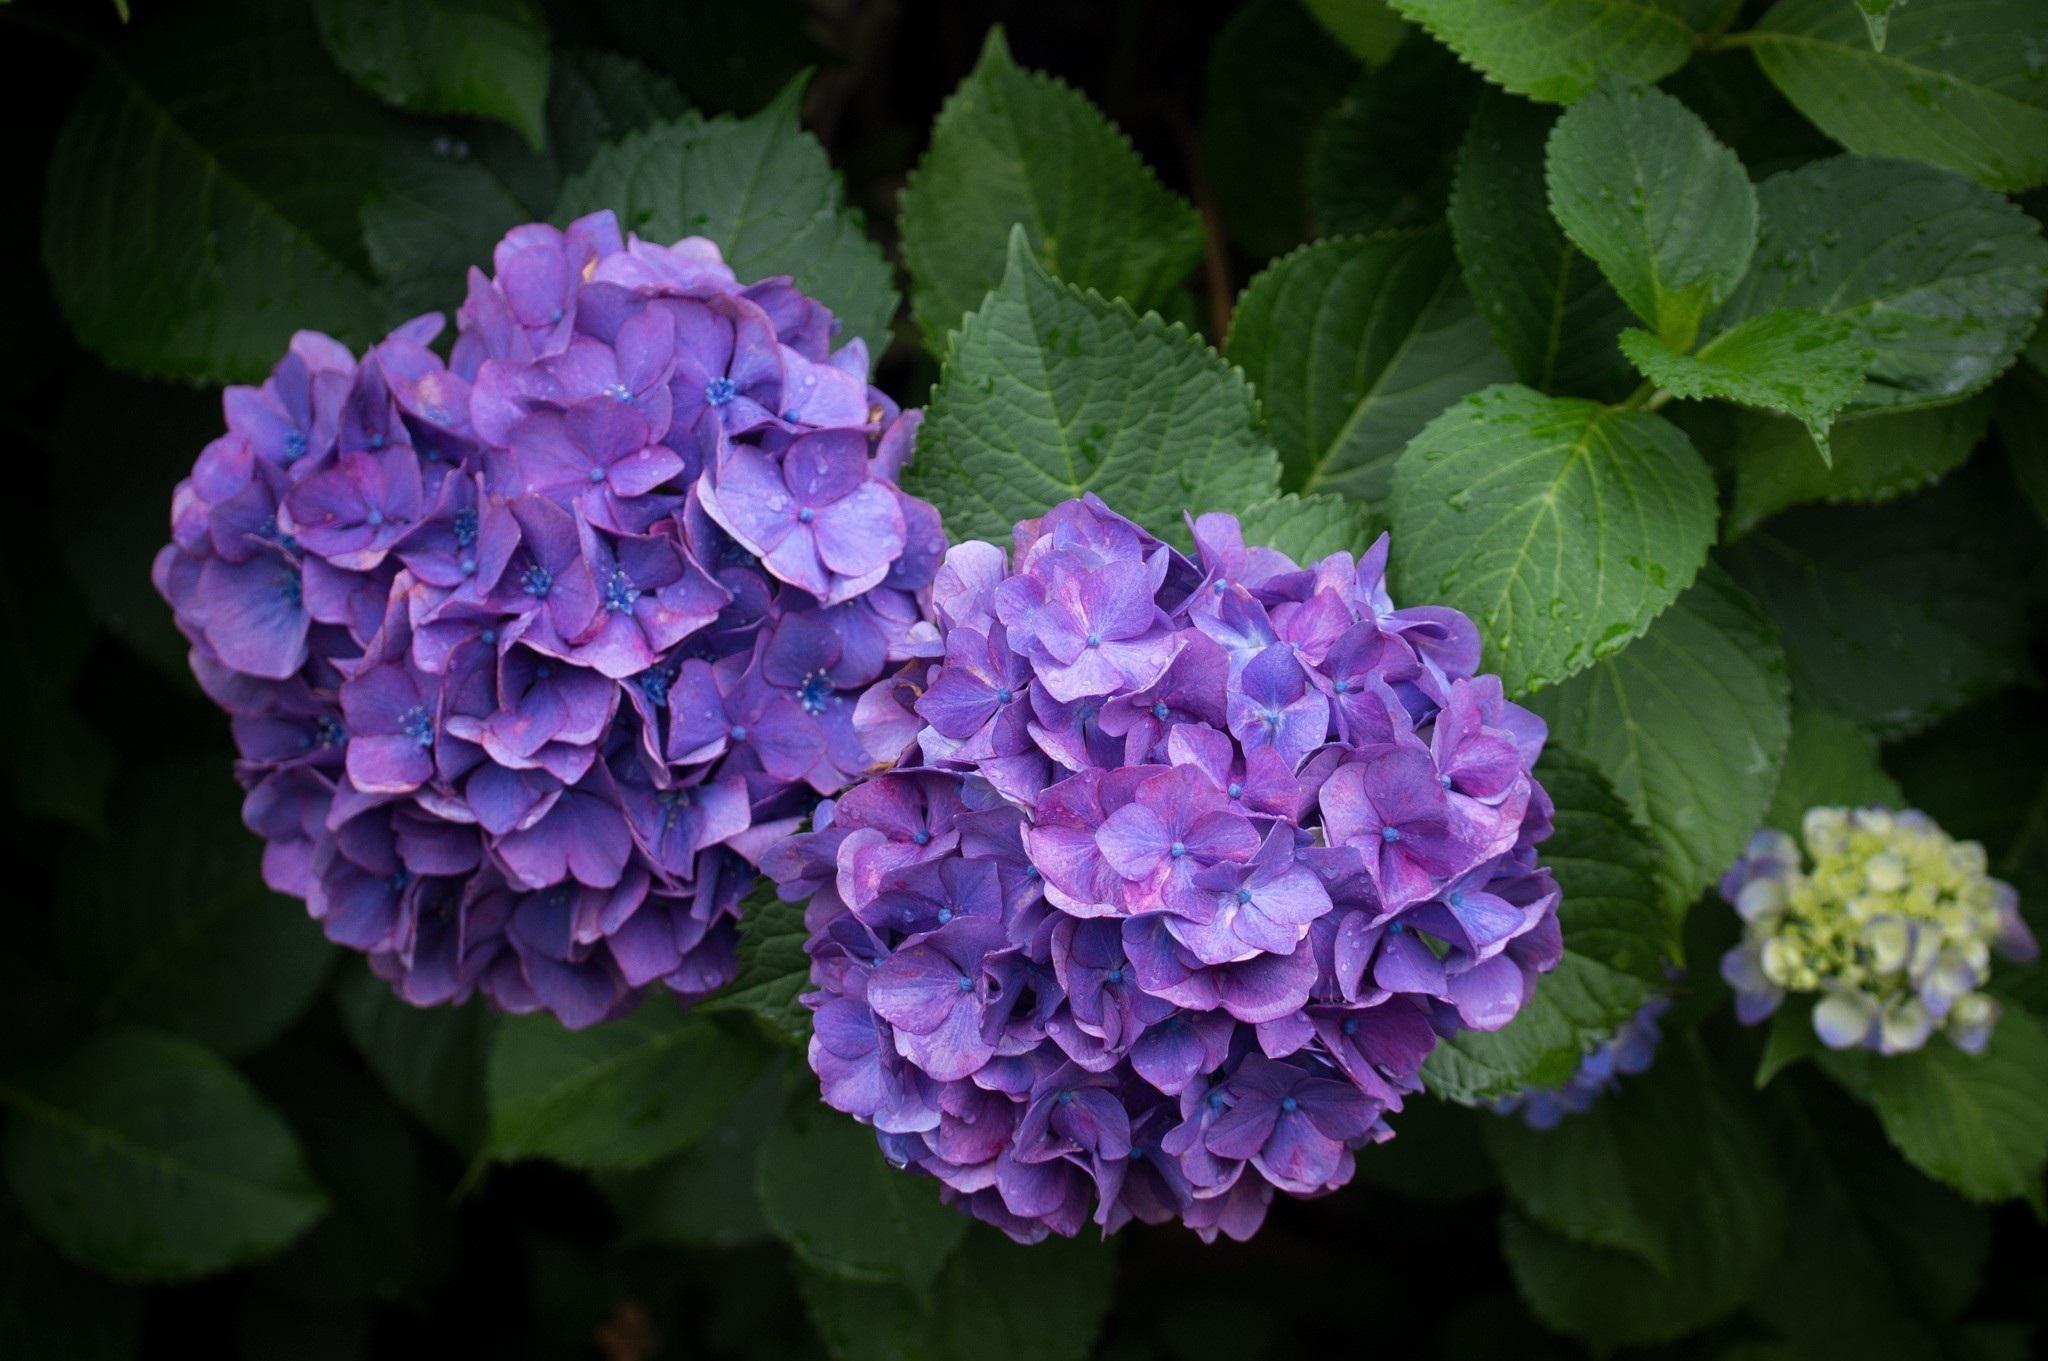 Blue Hydrangea Hd Wallpaper Blue Hydrangea Violet Flower Hydrangea Bloom